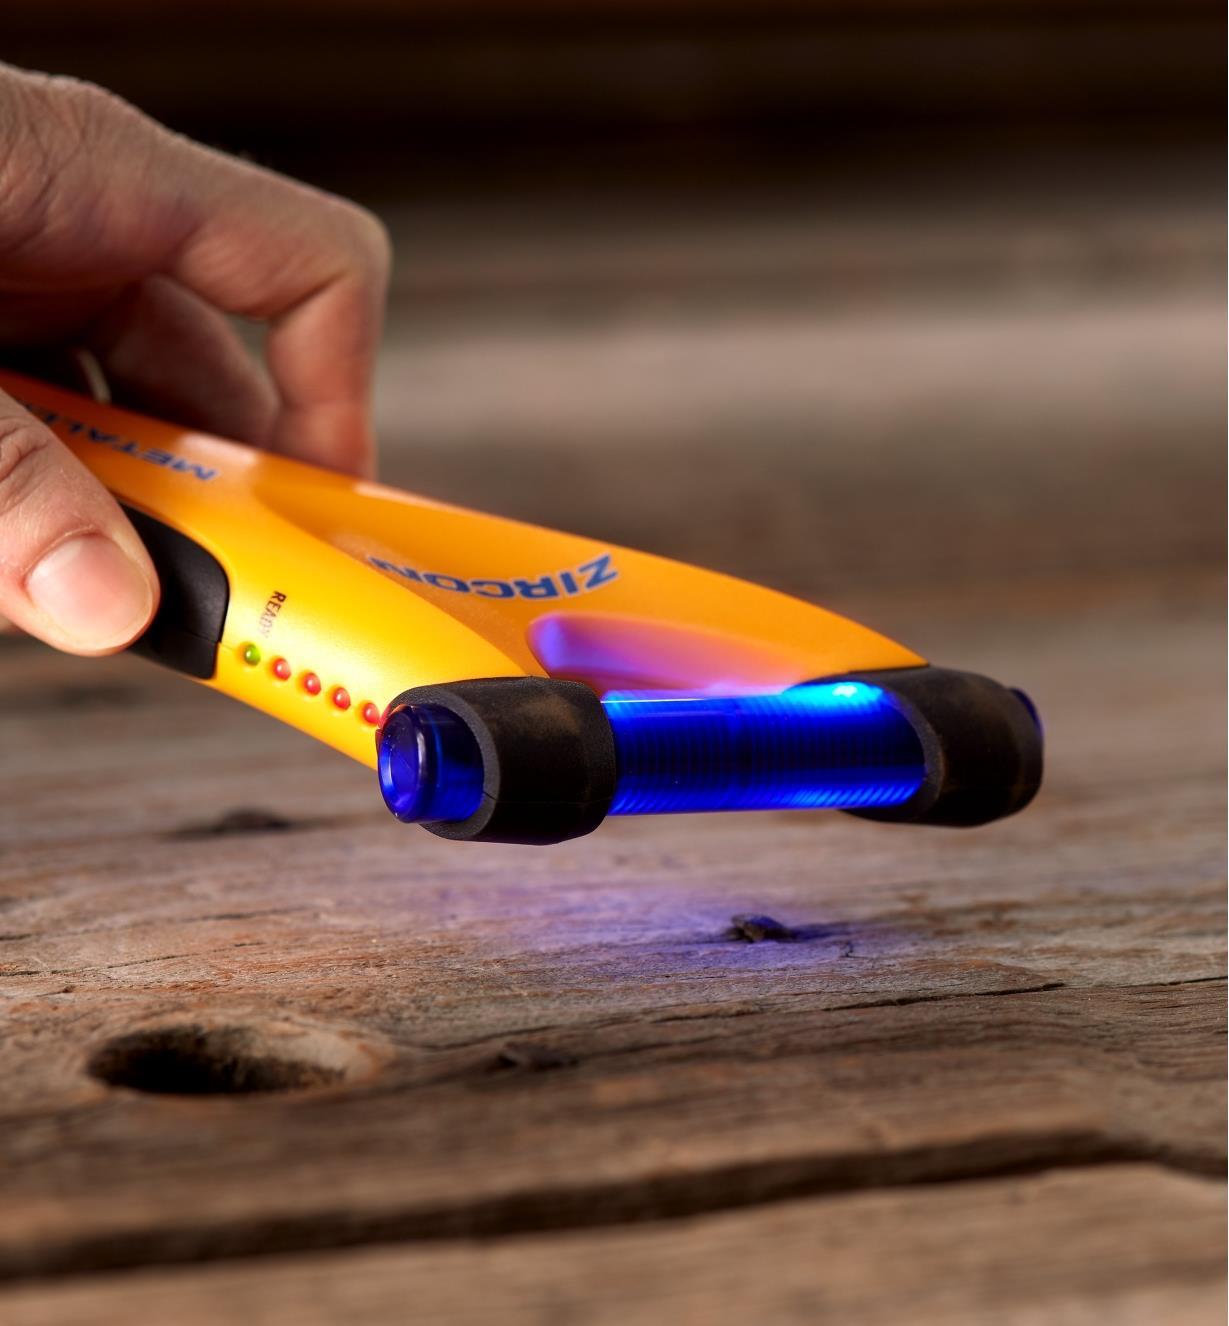 Capteur du détecteur de métal M40 Zircon émettant de la lumière pour signaler la présence de métal